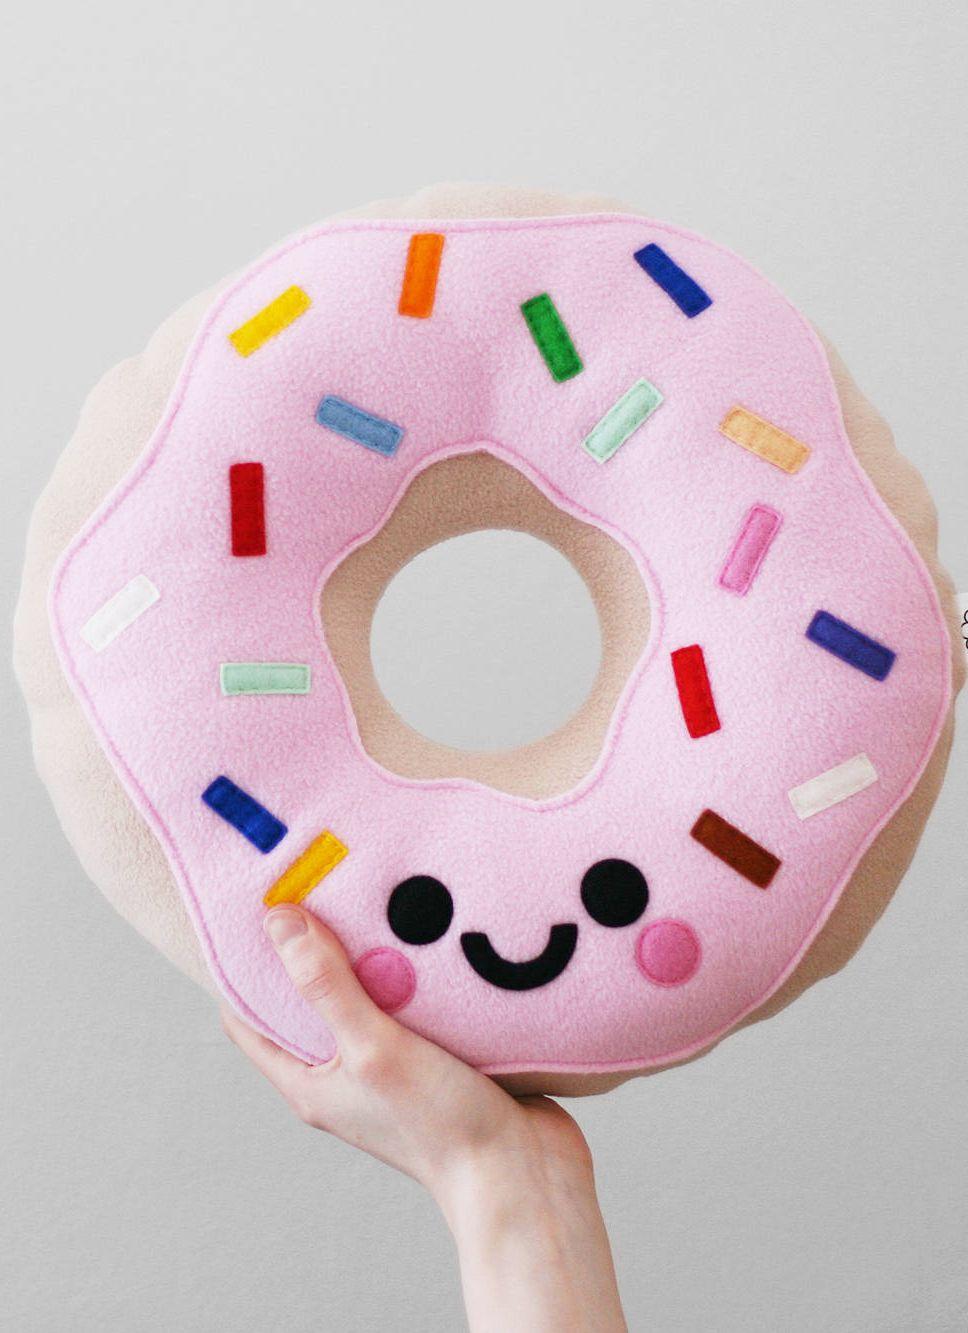 Now That S One Happy Doughnut Pillow Doughnut Pillow Donut Pillow Pink Candy